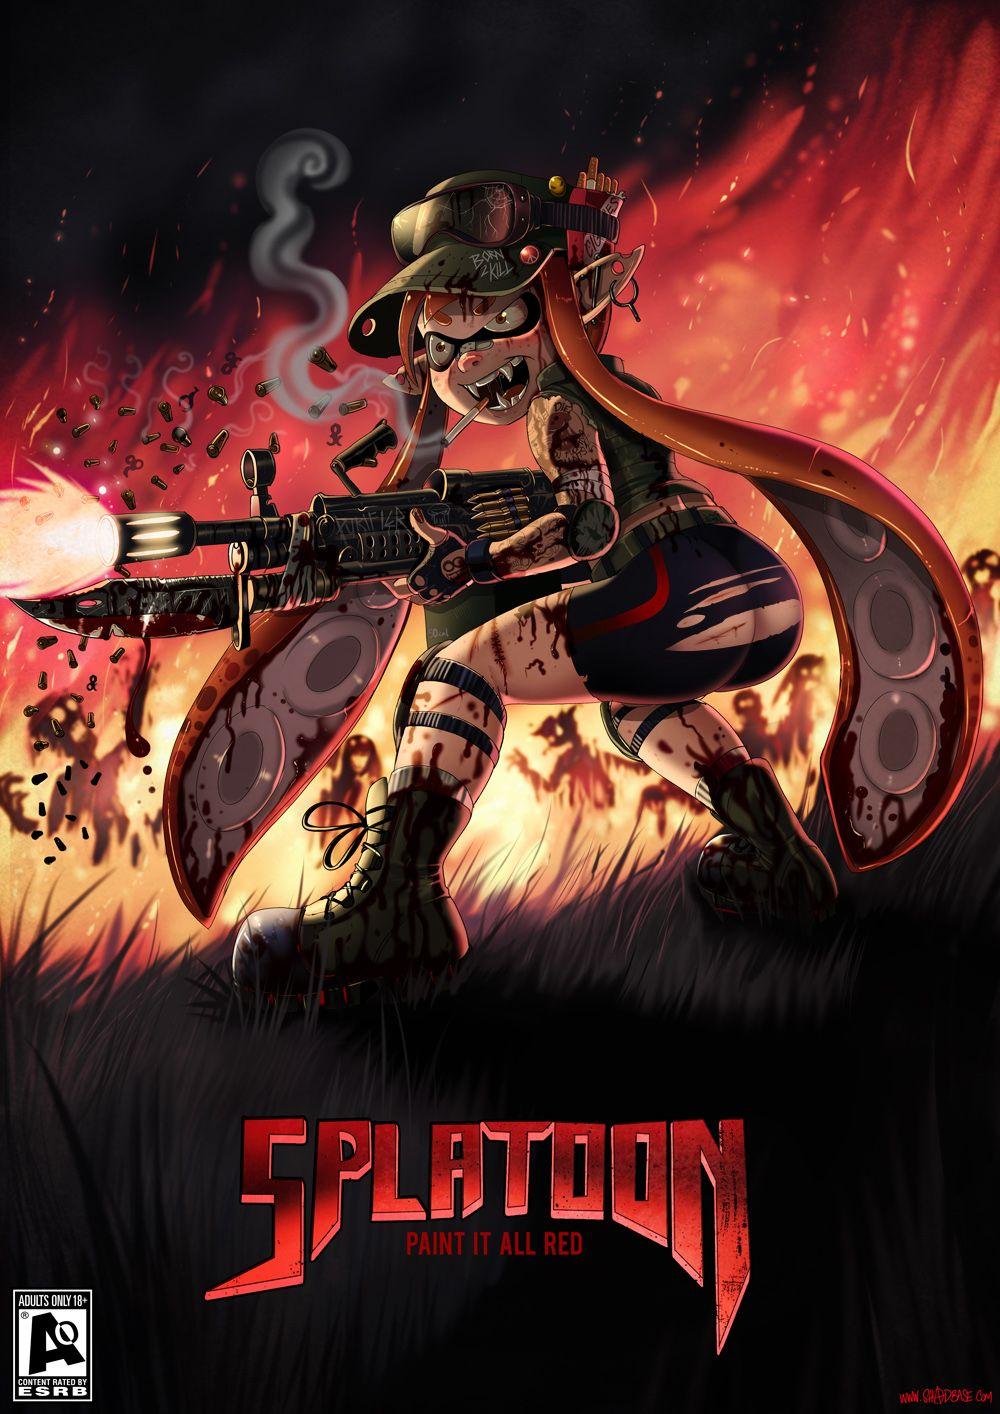 splatoon Splatoon, Games for kids, Splatoon tumblr